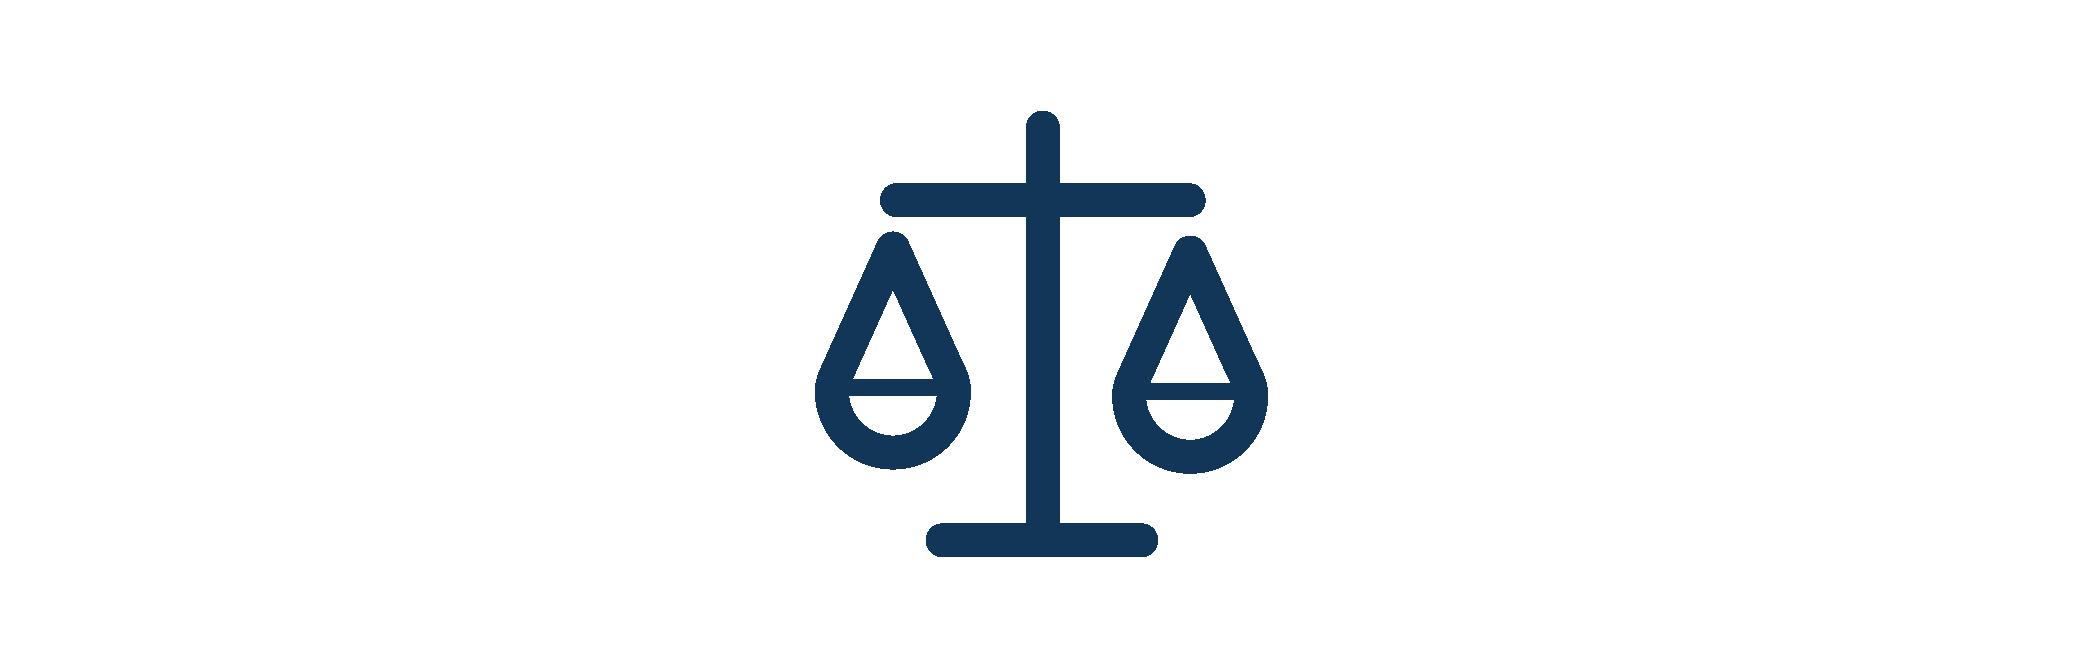 Verkehrsstrafrecht - Fachanwaltskanzlei für Verkehrsrecht in Altenessen Kim Eva Werner-Thrien